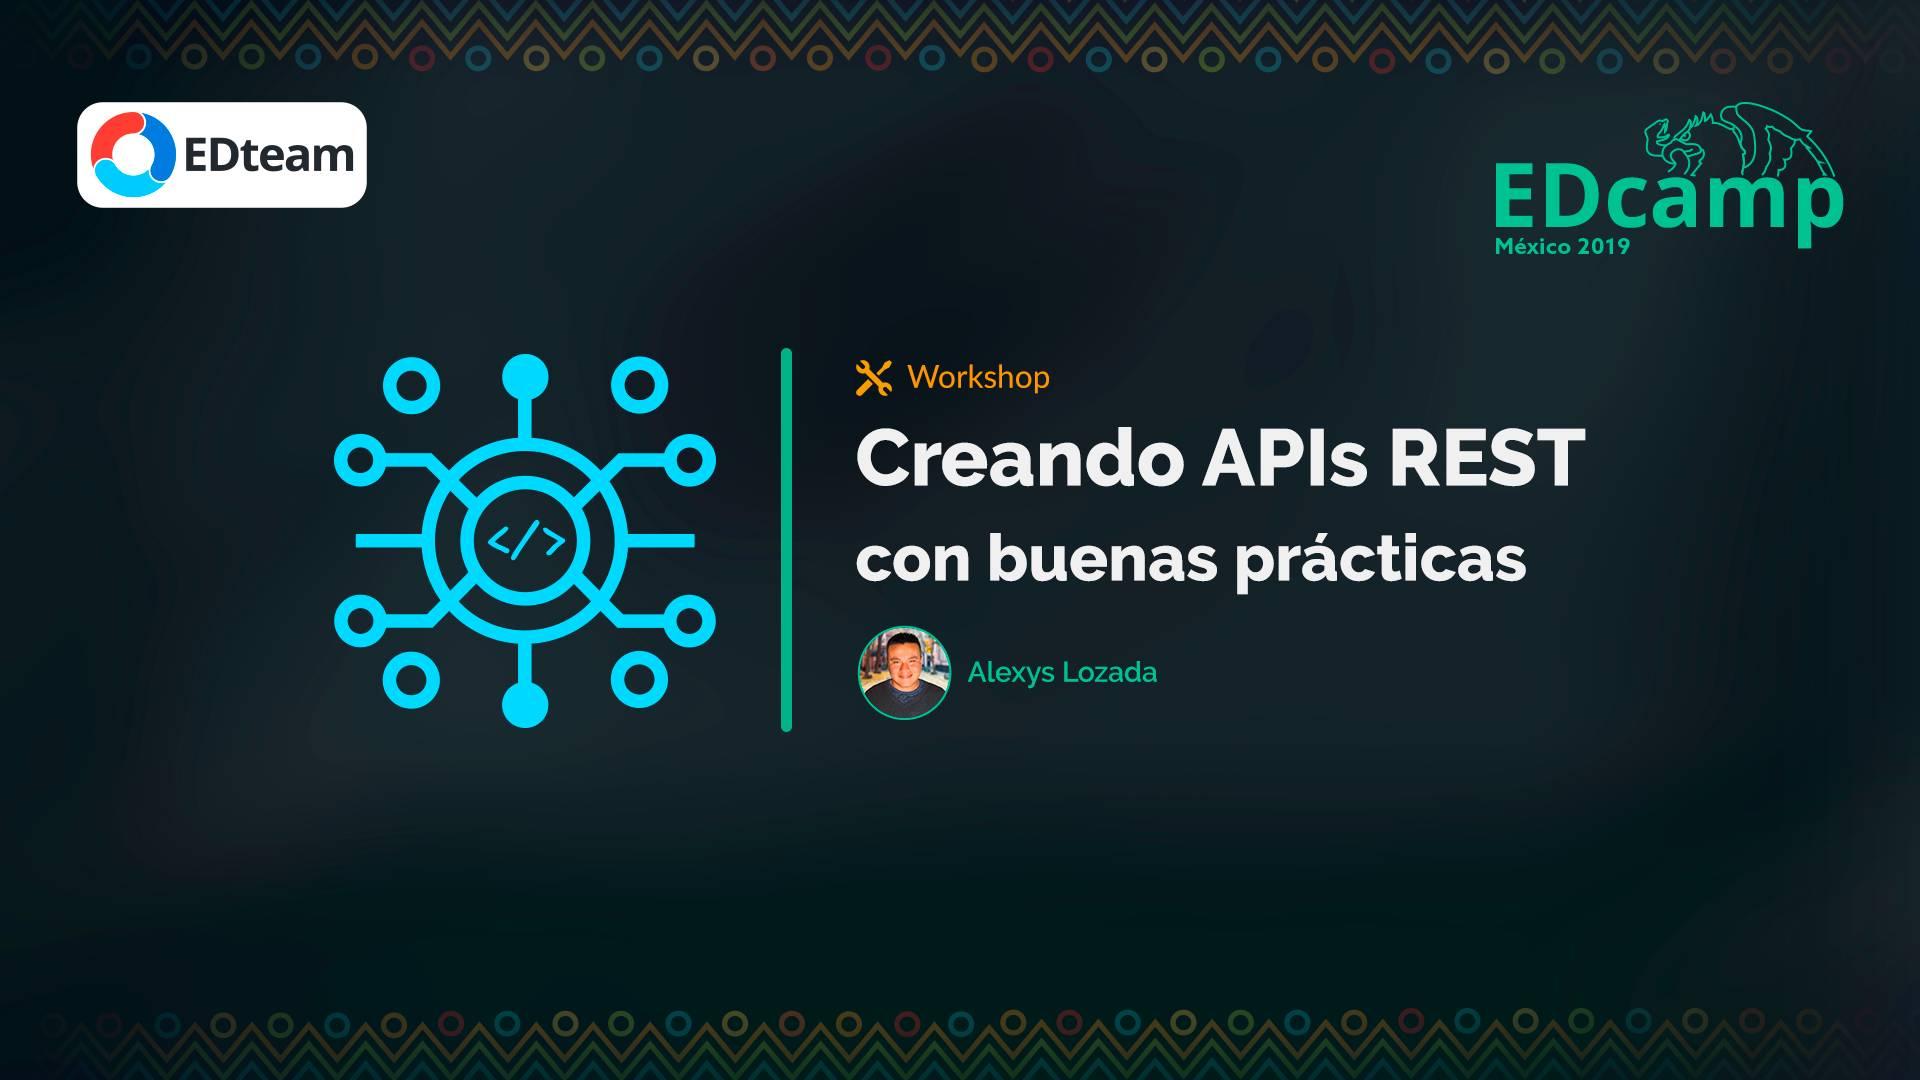 Creando APIs REST con buenas prácticas